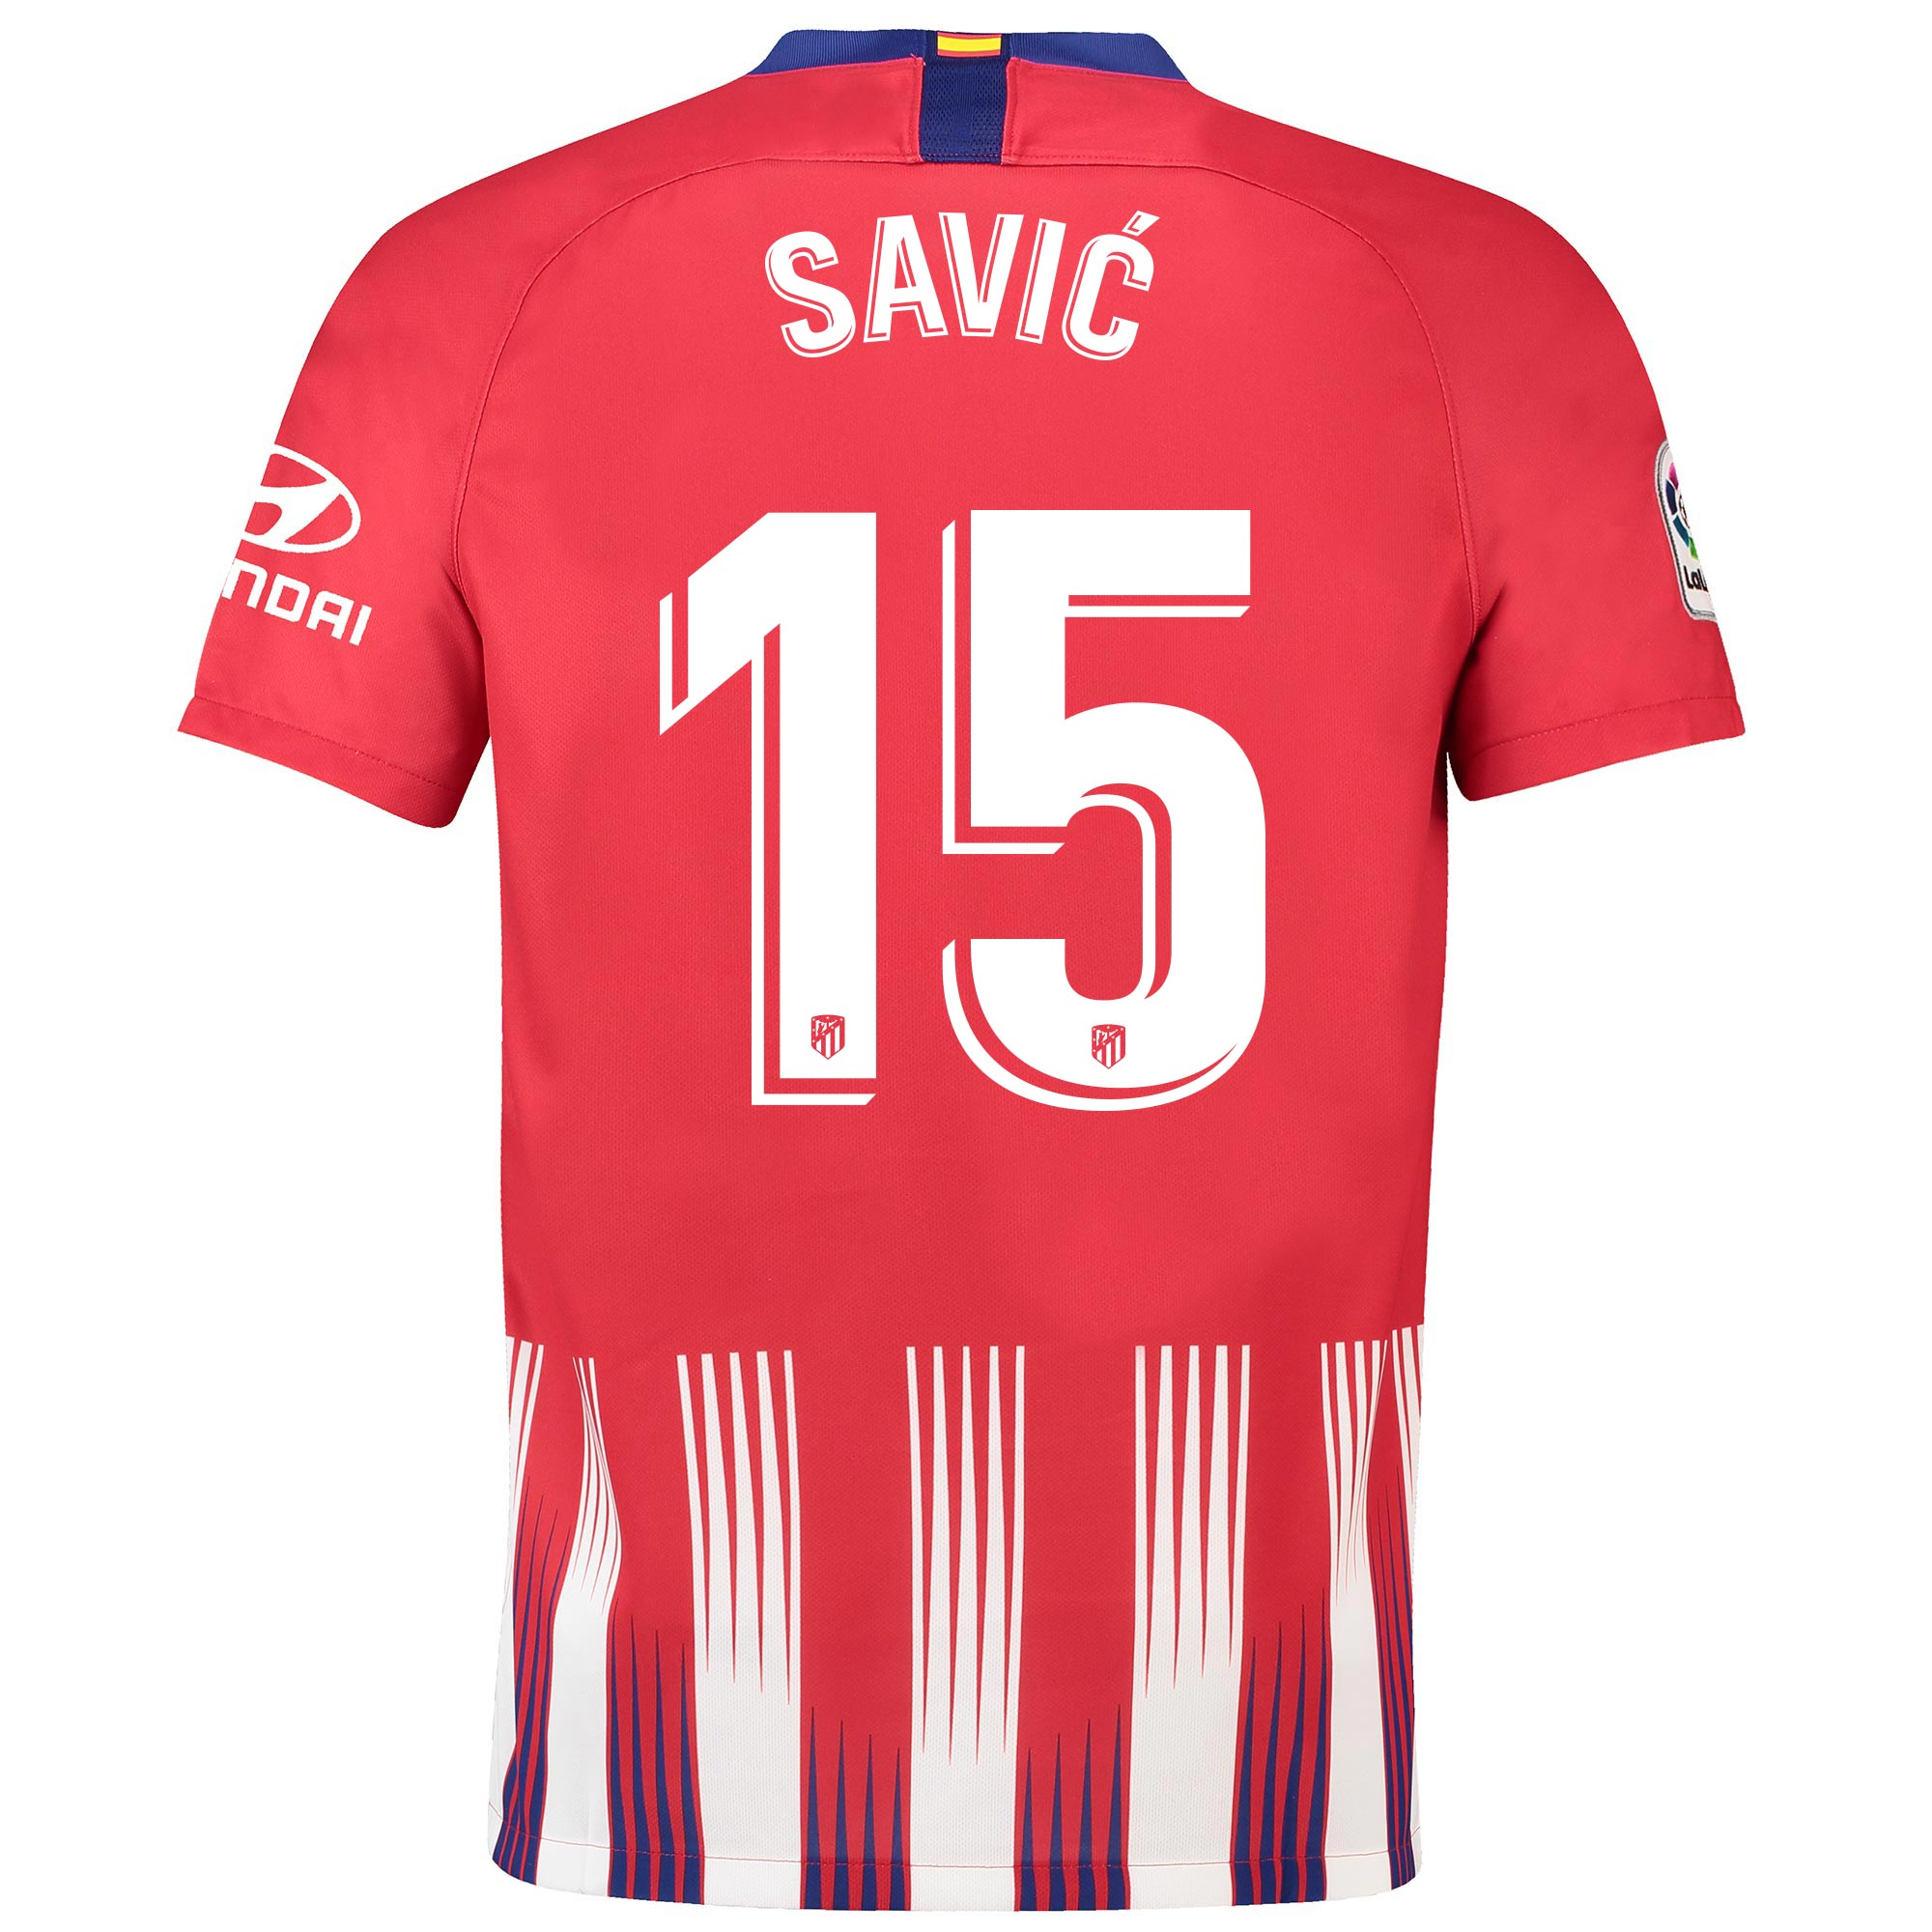 Camiseta de la 1ª equipación Stadium del Atlético de Madrid 2018-19 dorsal Savic 15